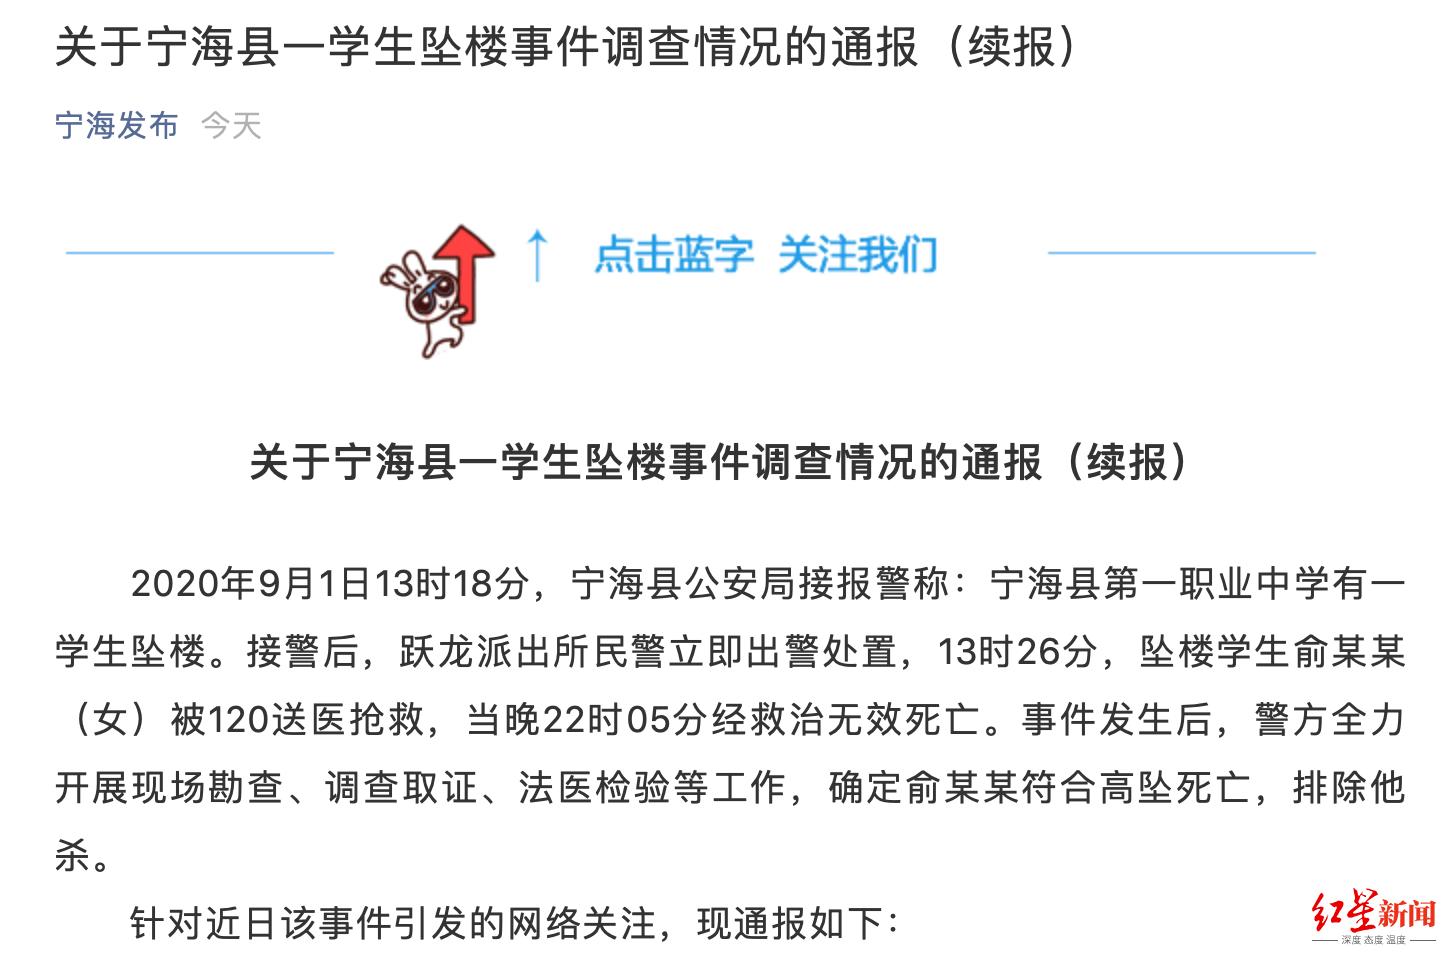 浙江宁海通报在校女生坠亡事件:排除他杀,线路故障造成监控黑屏